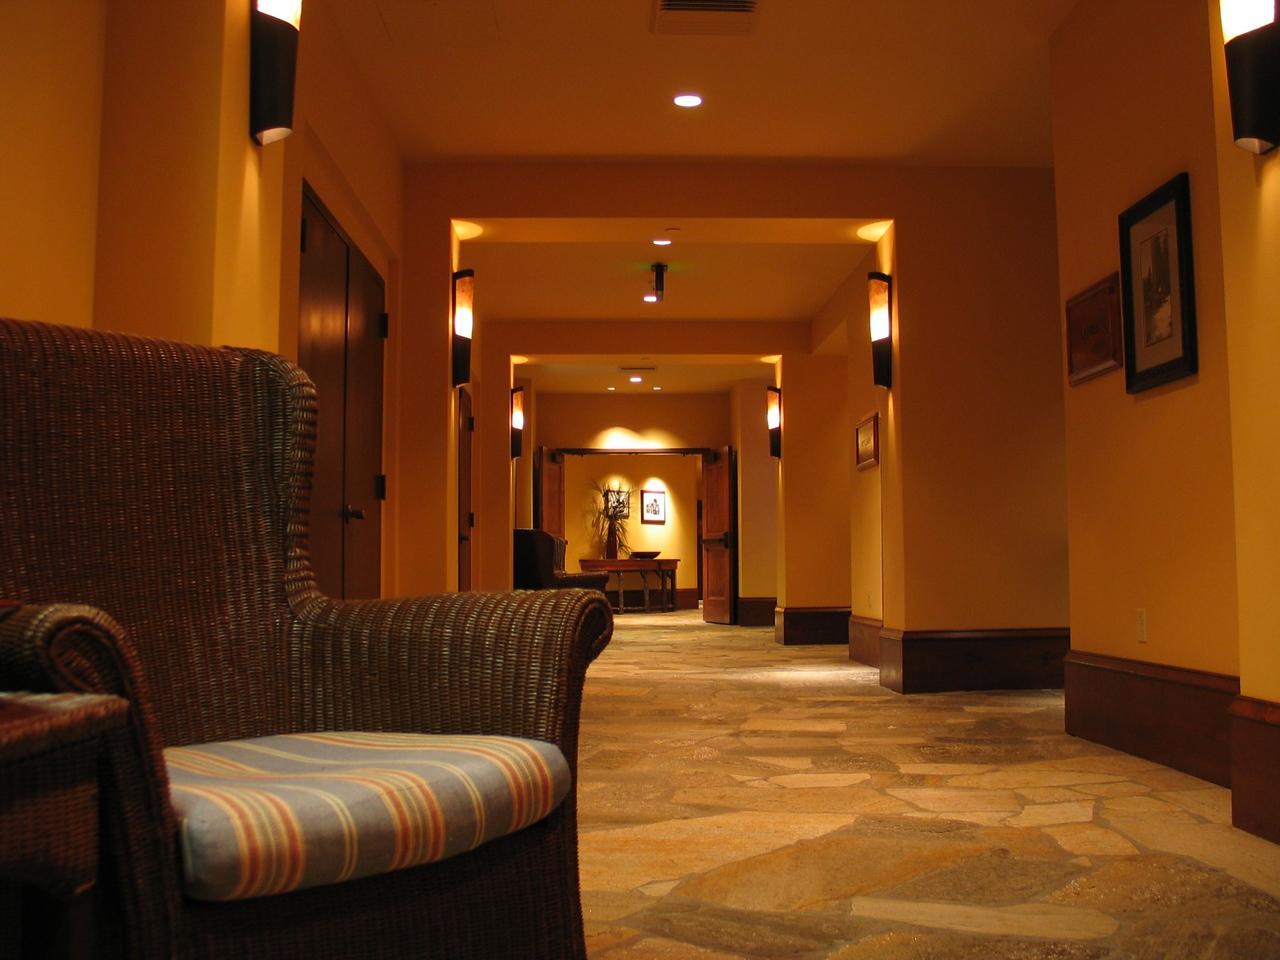 First floor halway in the Hyatt